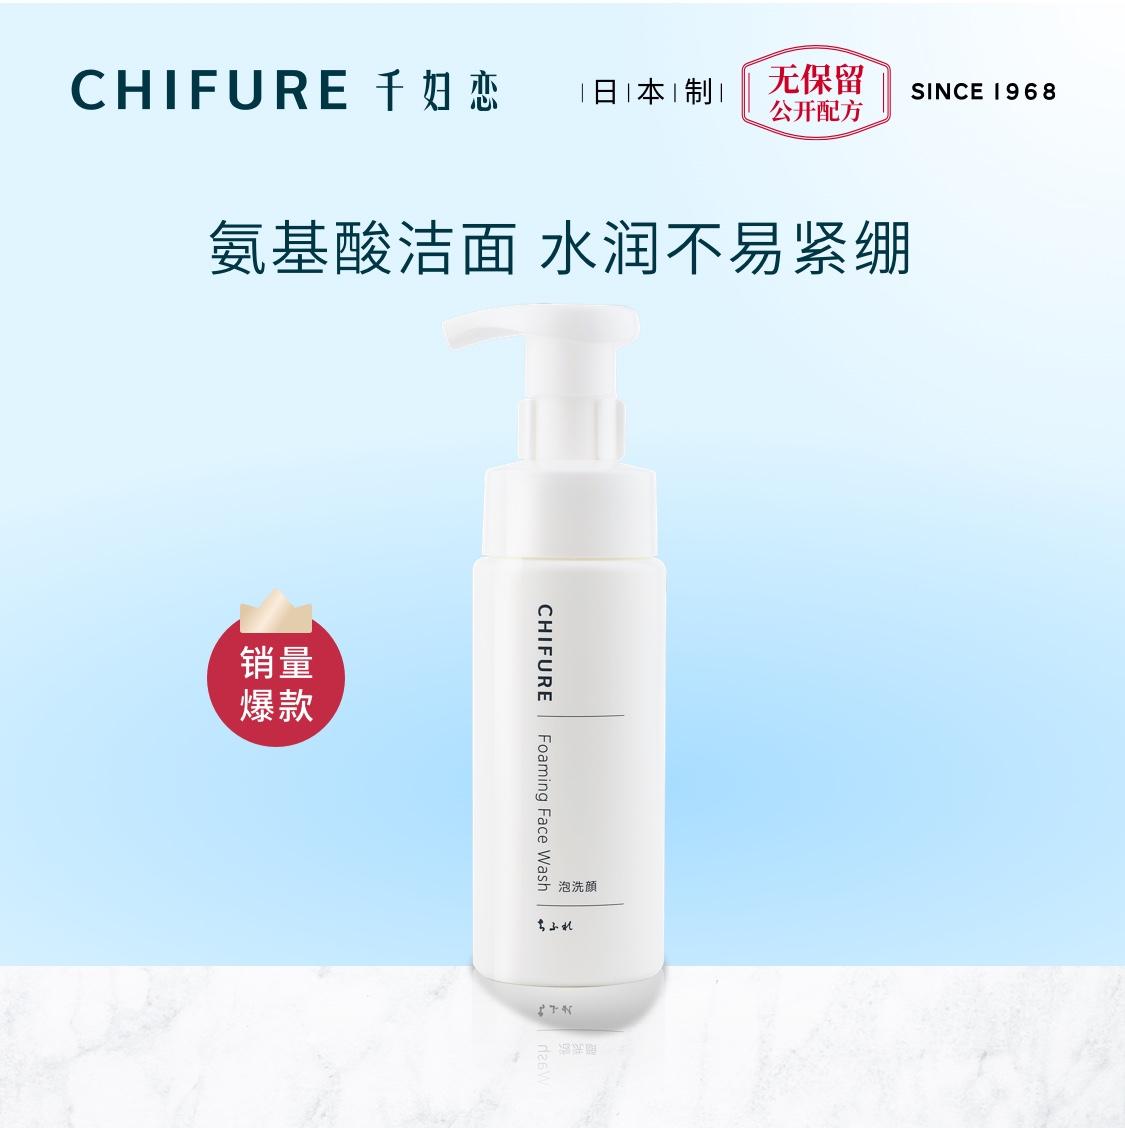 chifure潔面慕斯泡沫 日本千婦戀氨基酸洗面奶溫和保溼清潔毛孔女